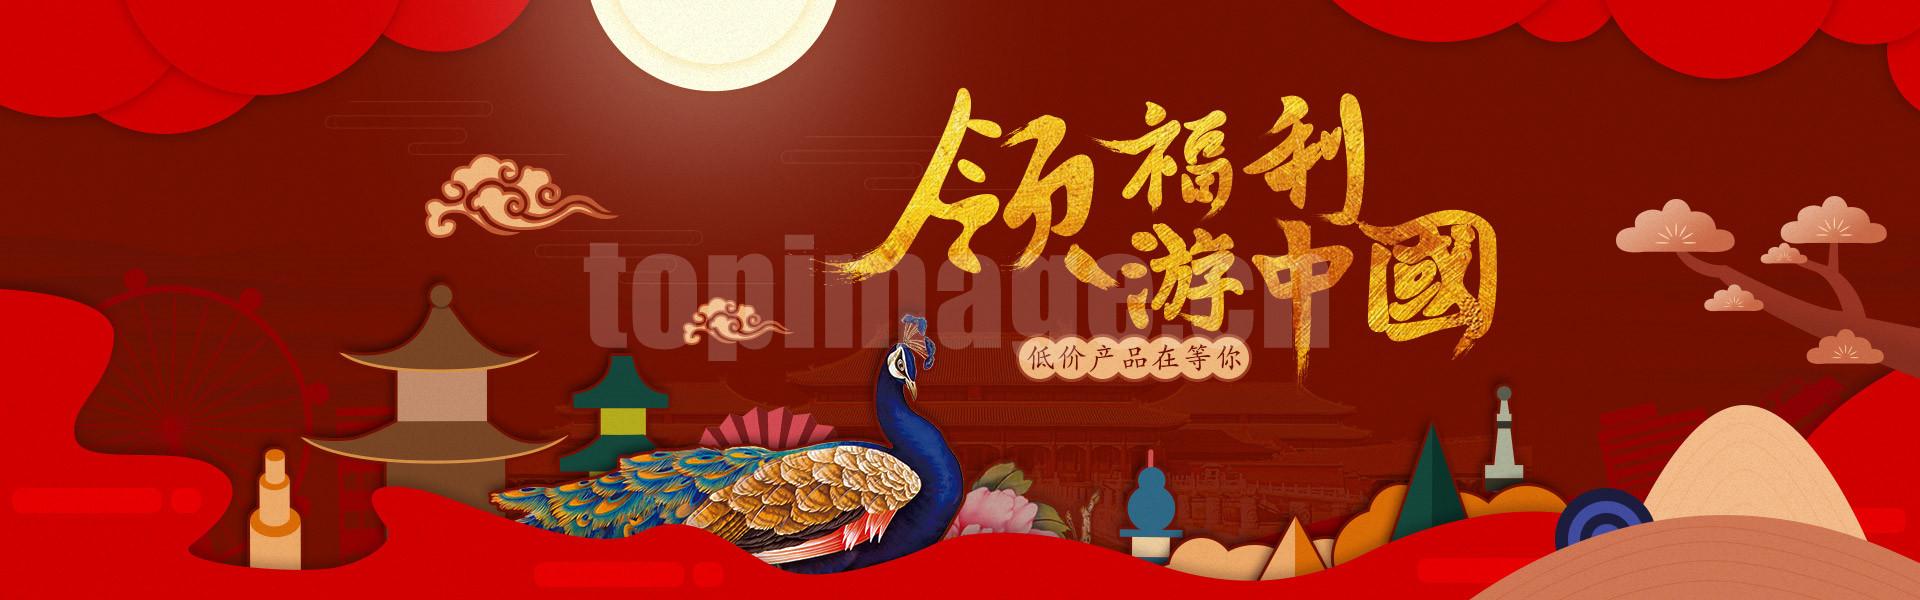 中秋节国庆旅游中国风书法毛笔字体banner海报源文件下载